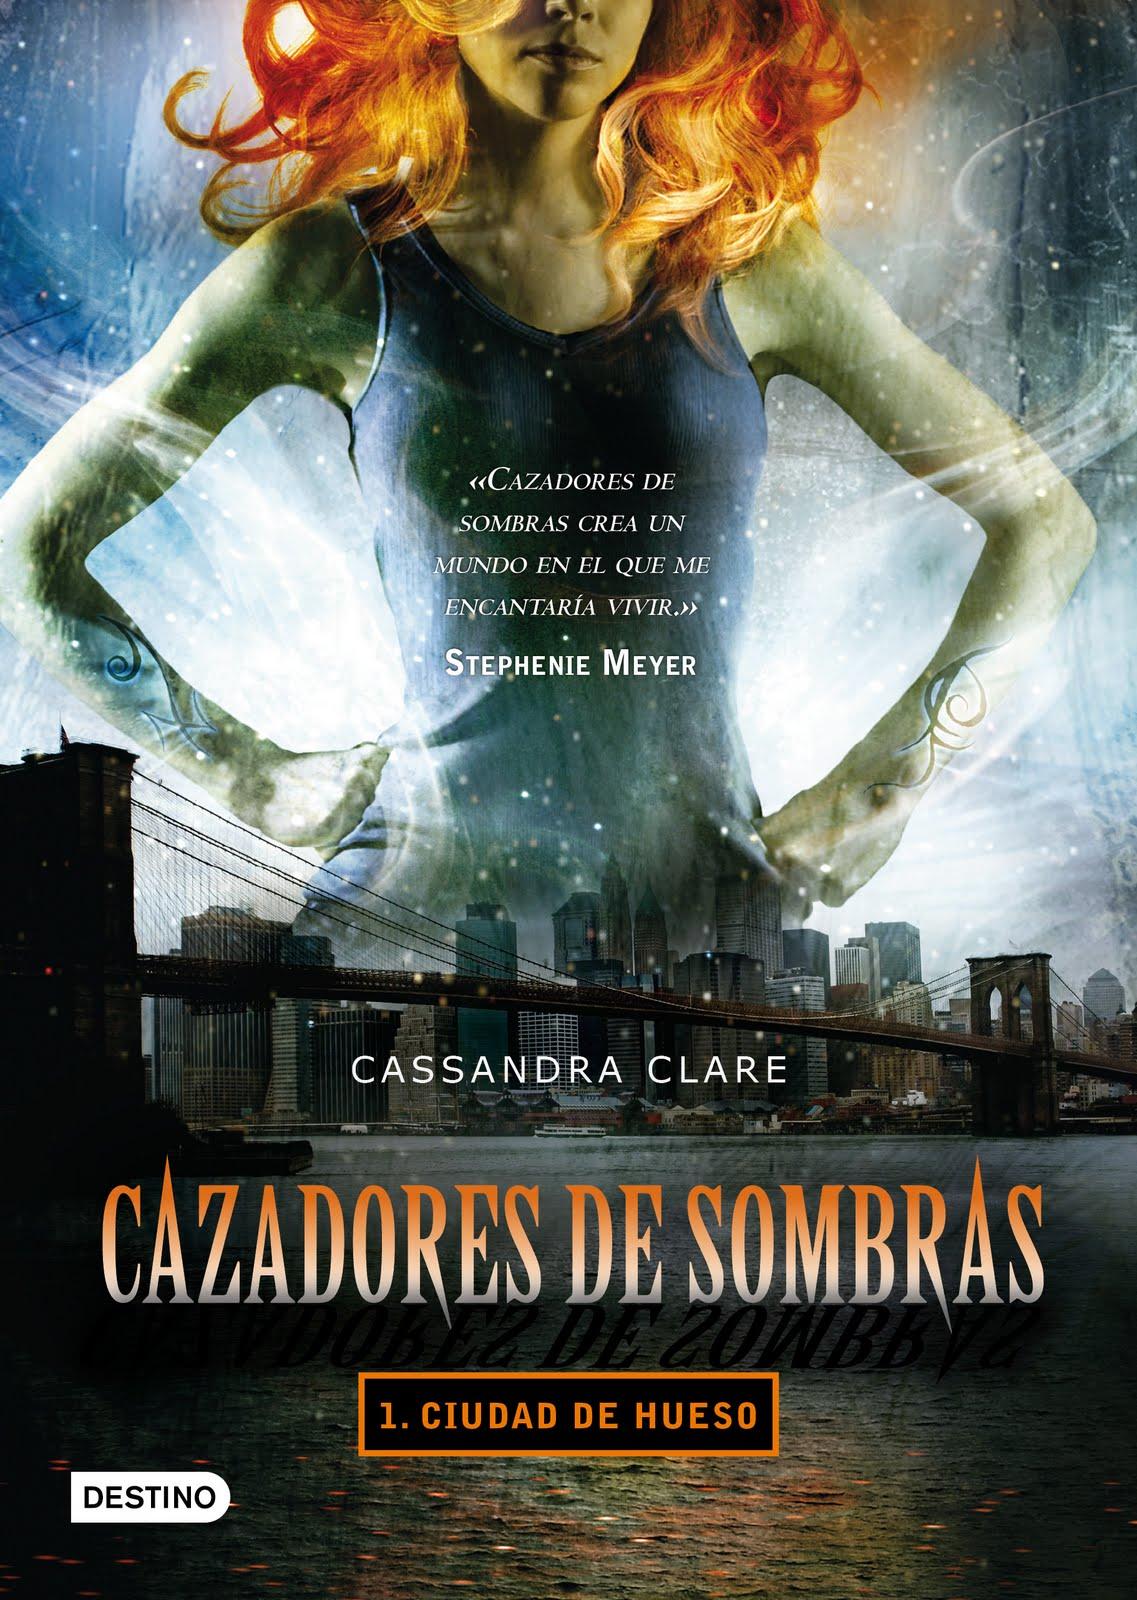 Ver Película Cazadores de Sombras: Ciudad de Hueso (2013) Online